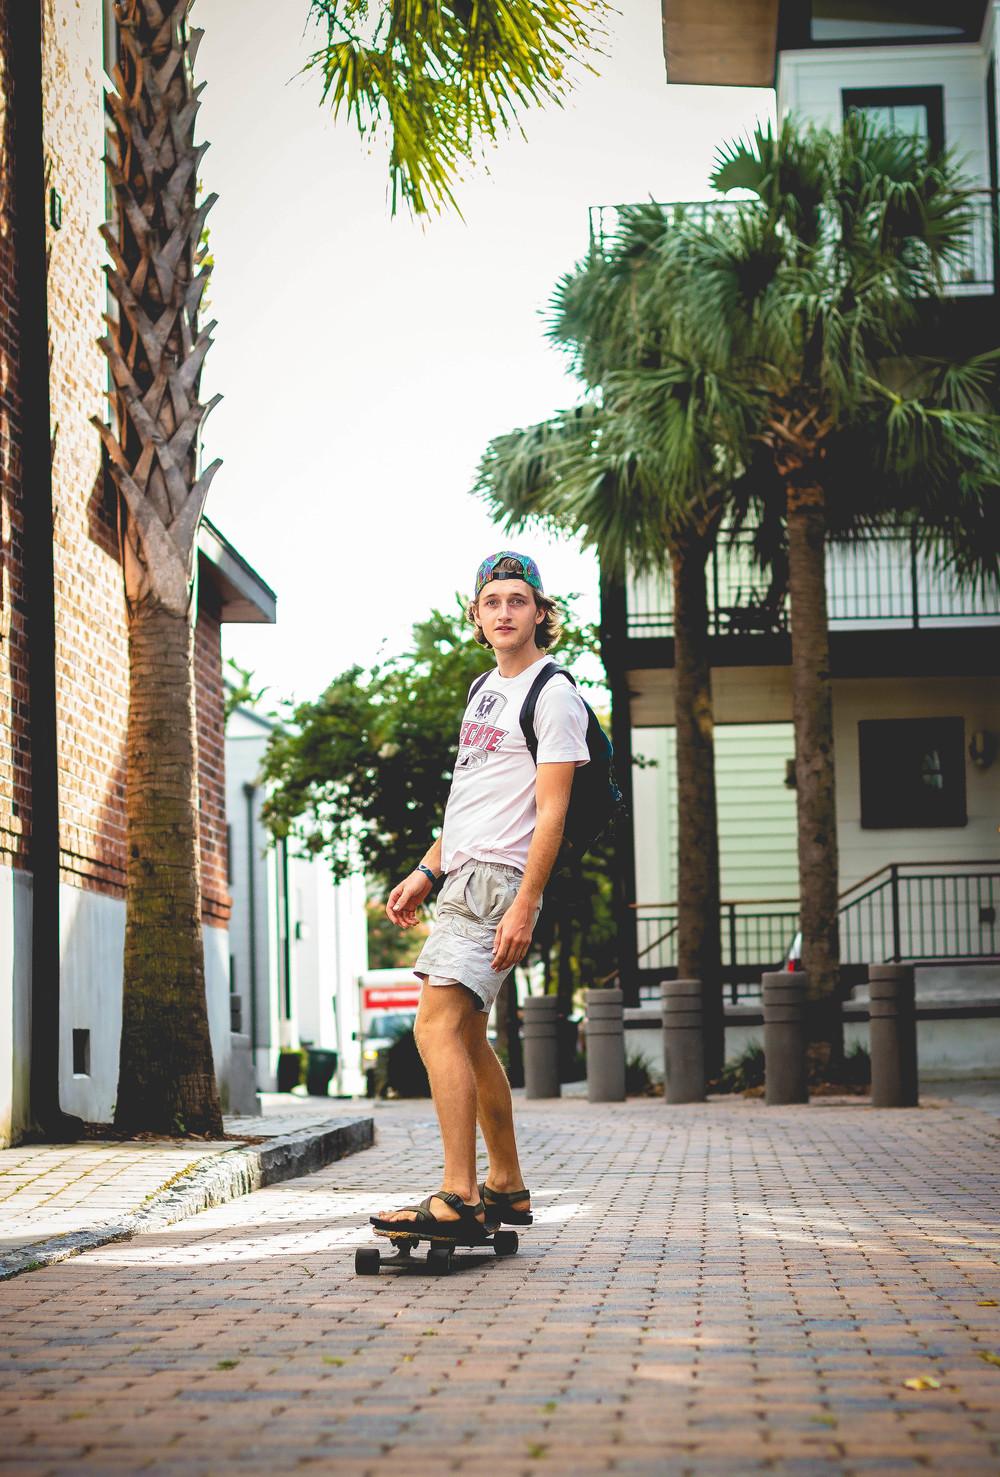 Random passer-by skater